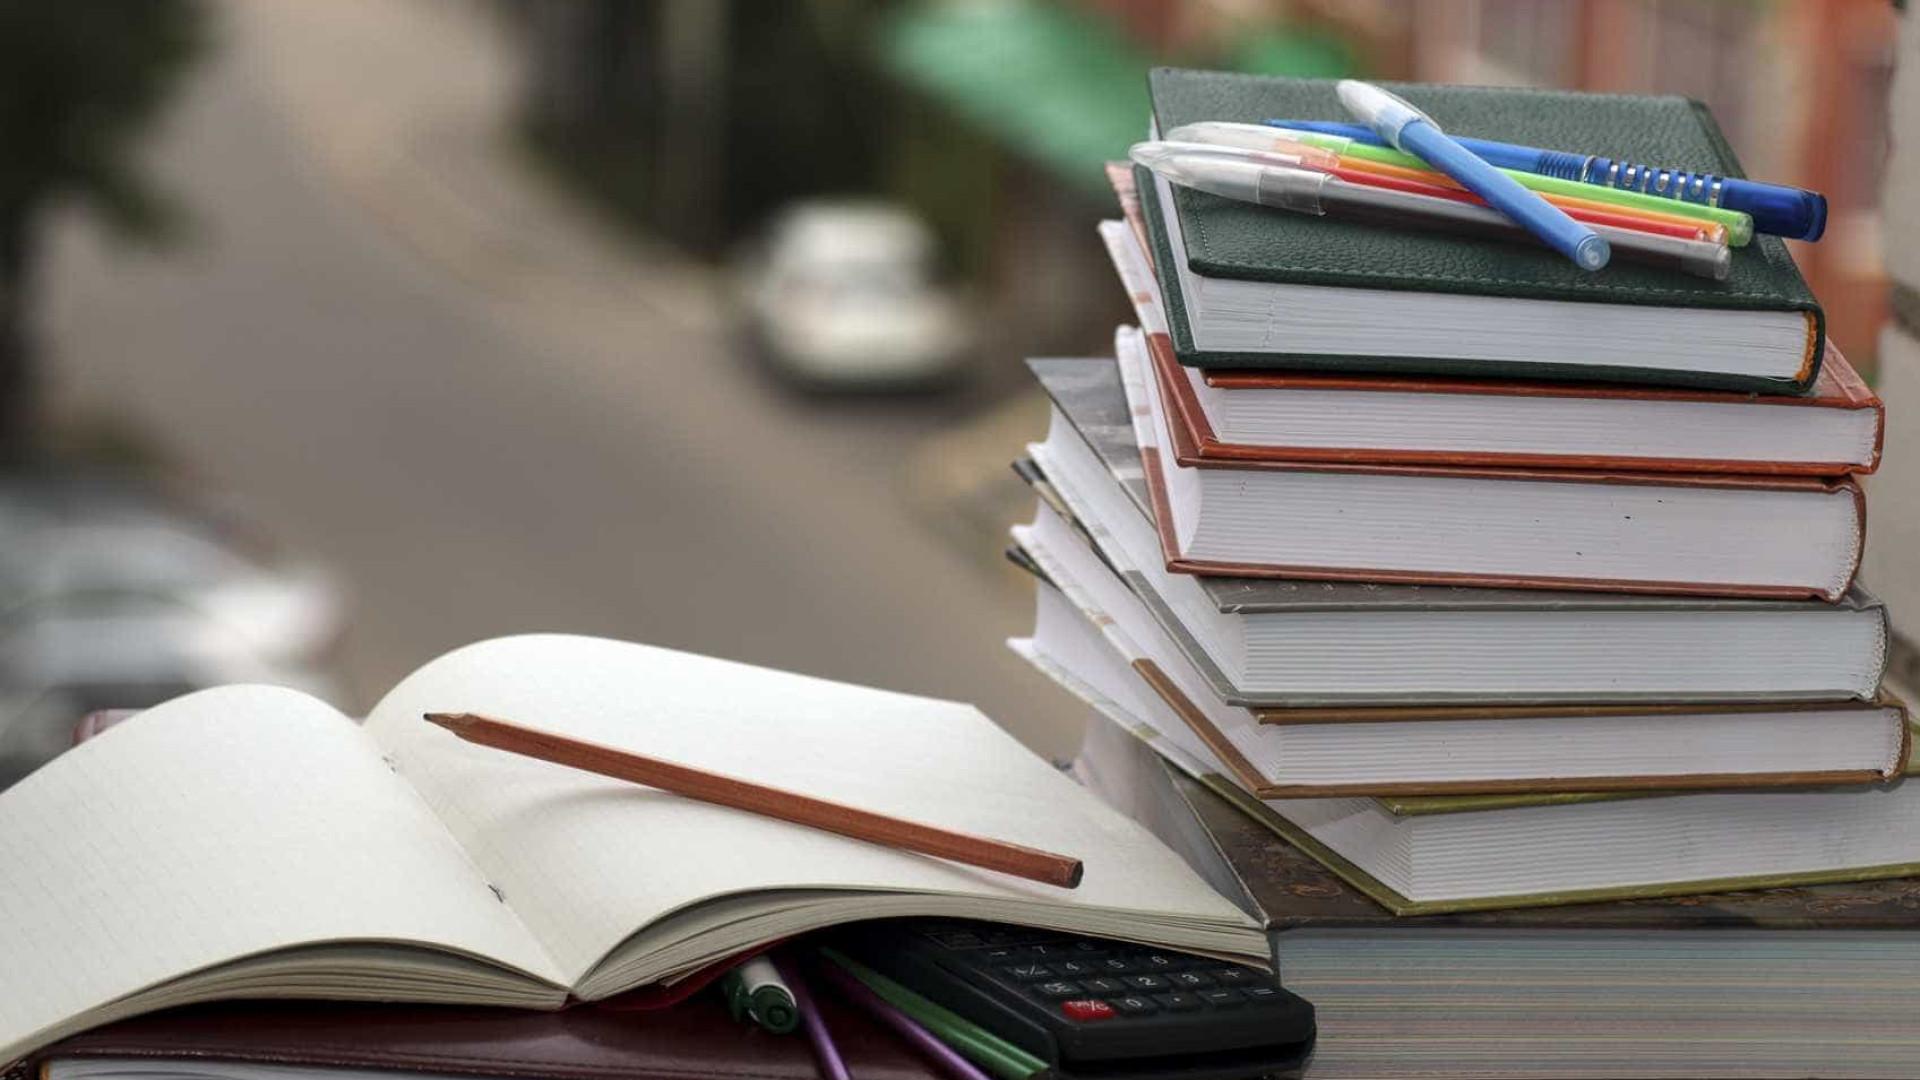 Distribuição de manuais escolares gratuitos alargada até ao 12.º ano